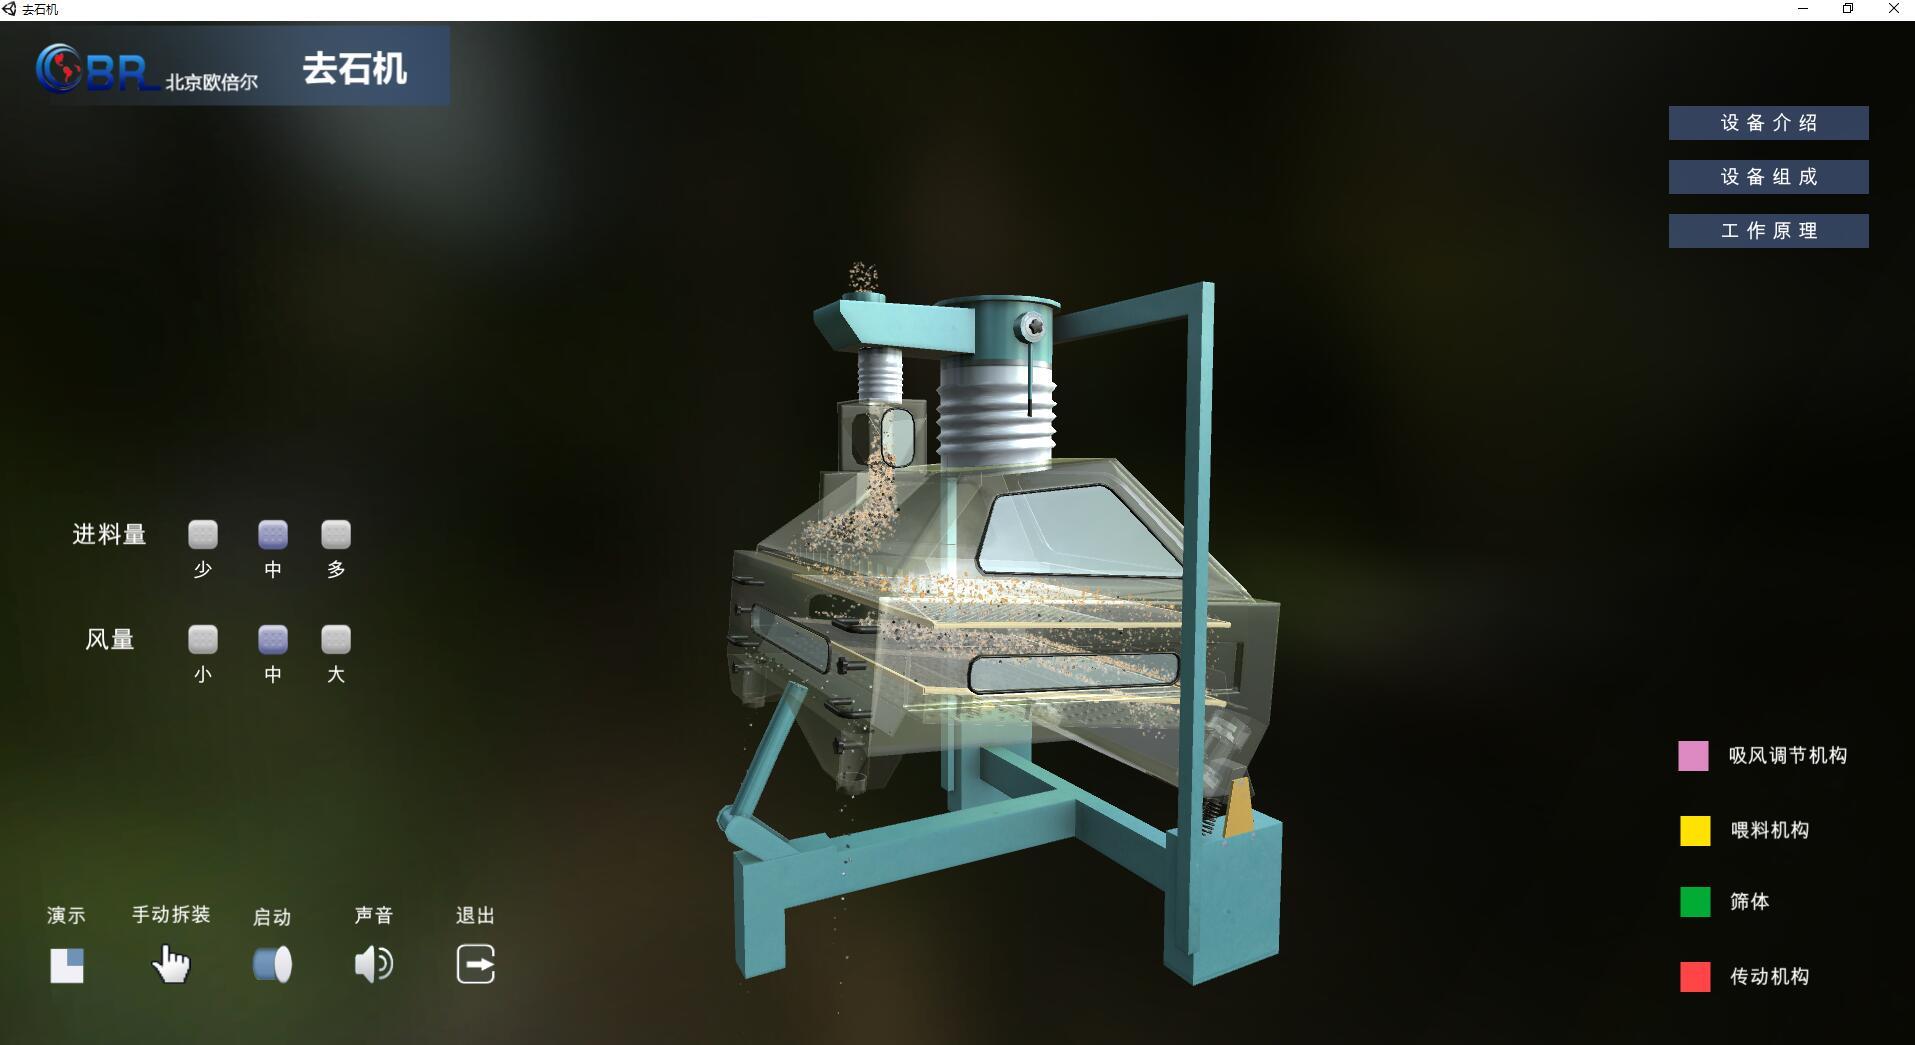 小麦制粉加工工艺仿真软件